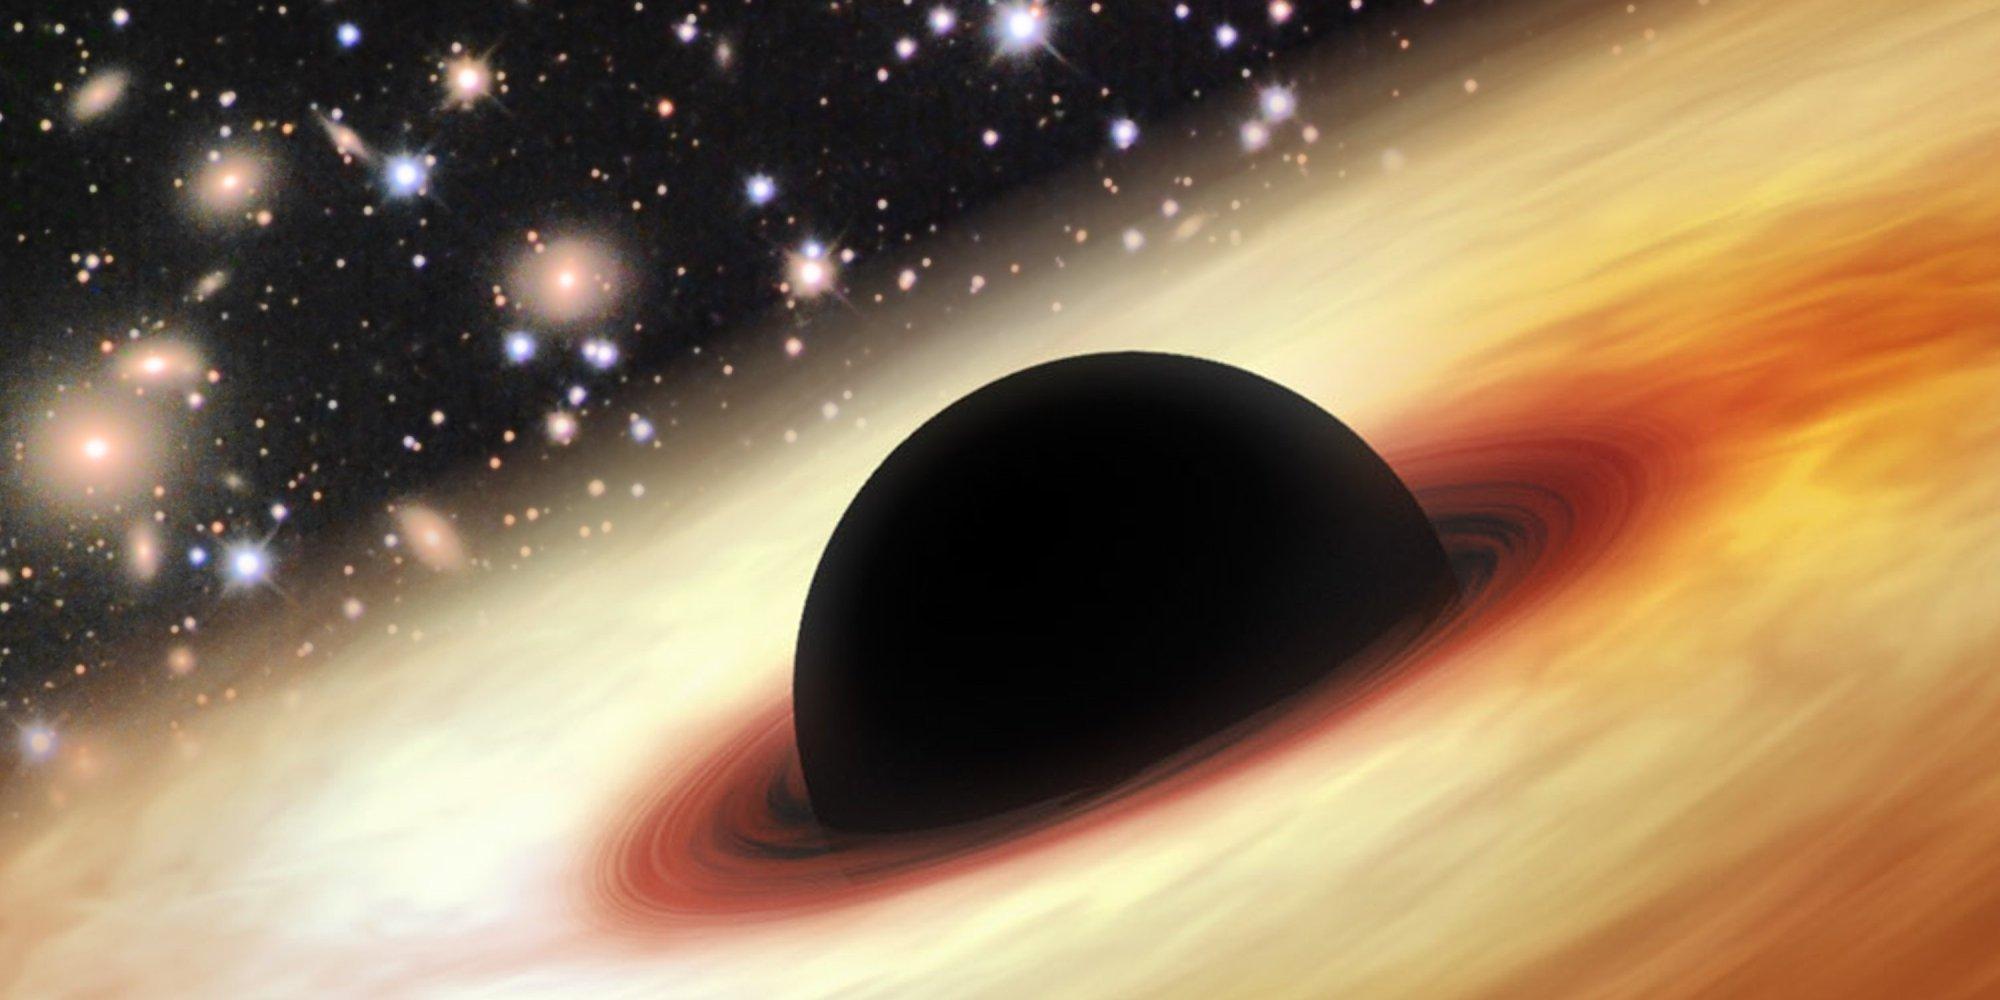 C:\Users\Наталья\Desktop\черная дыра в 12 млрд раз тяжелее Солнца.jpg